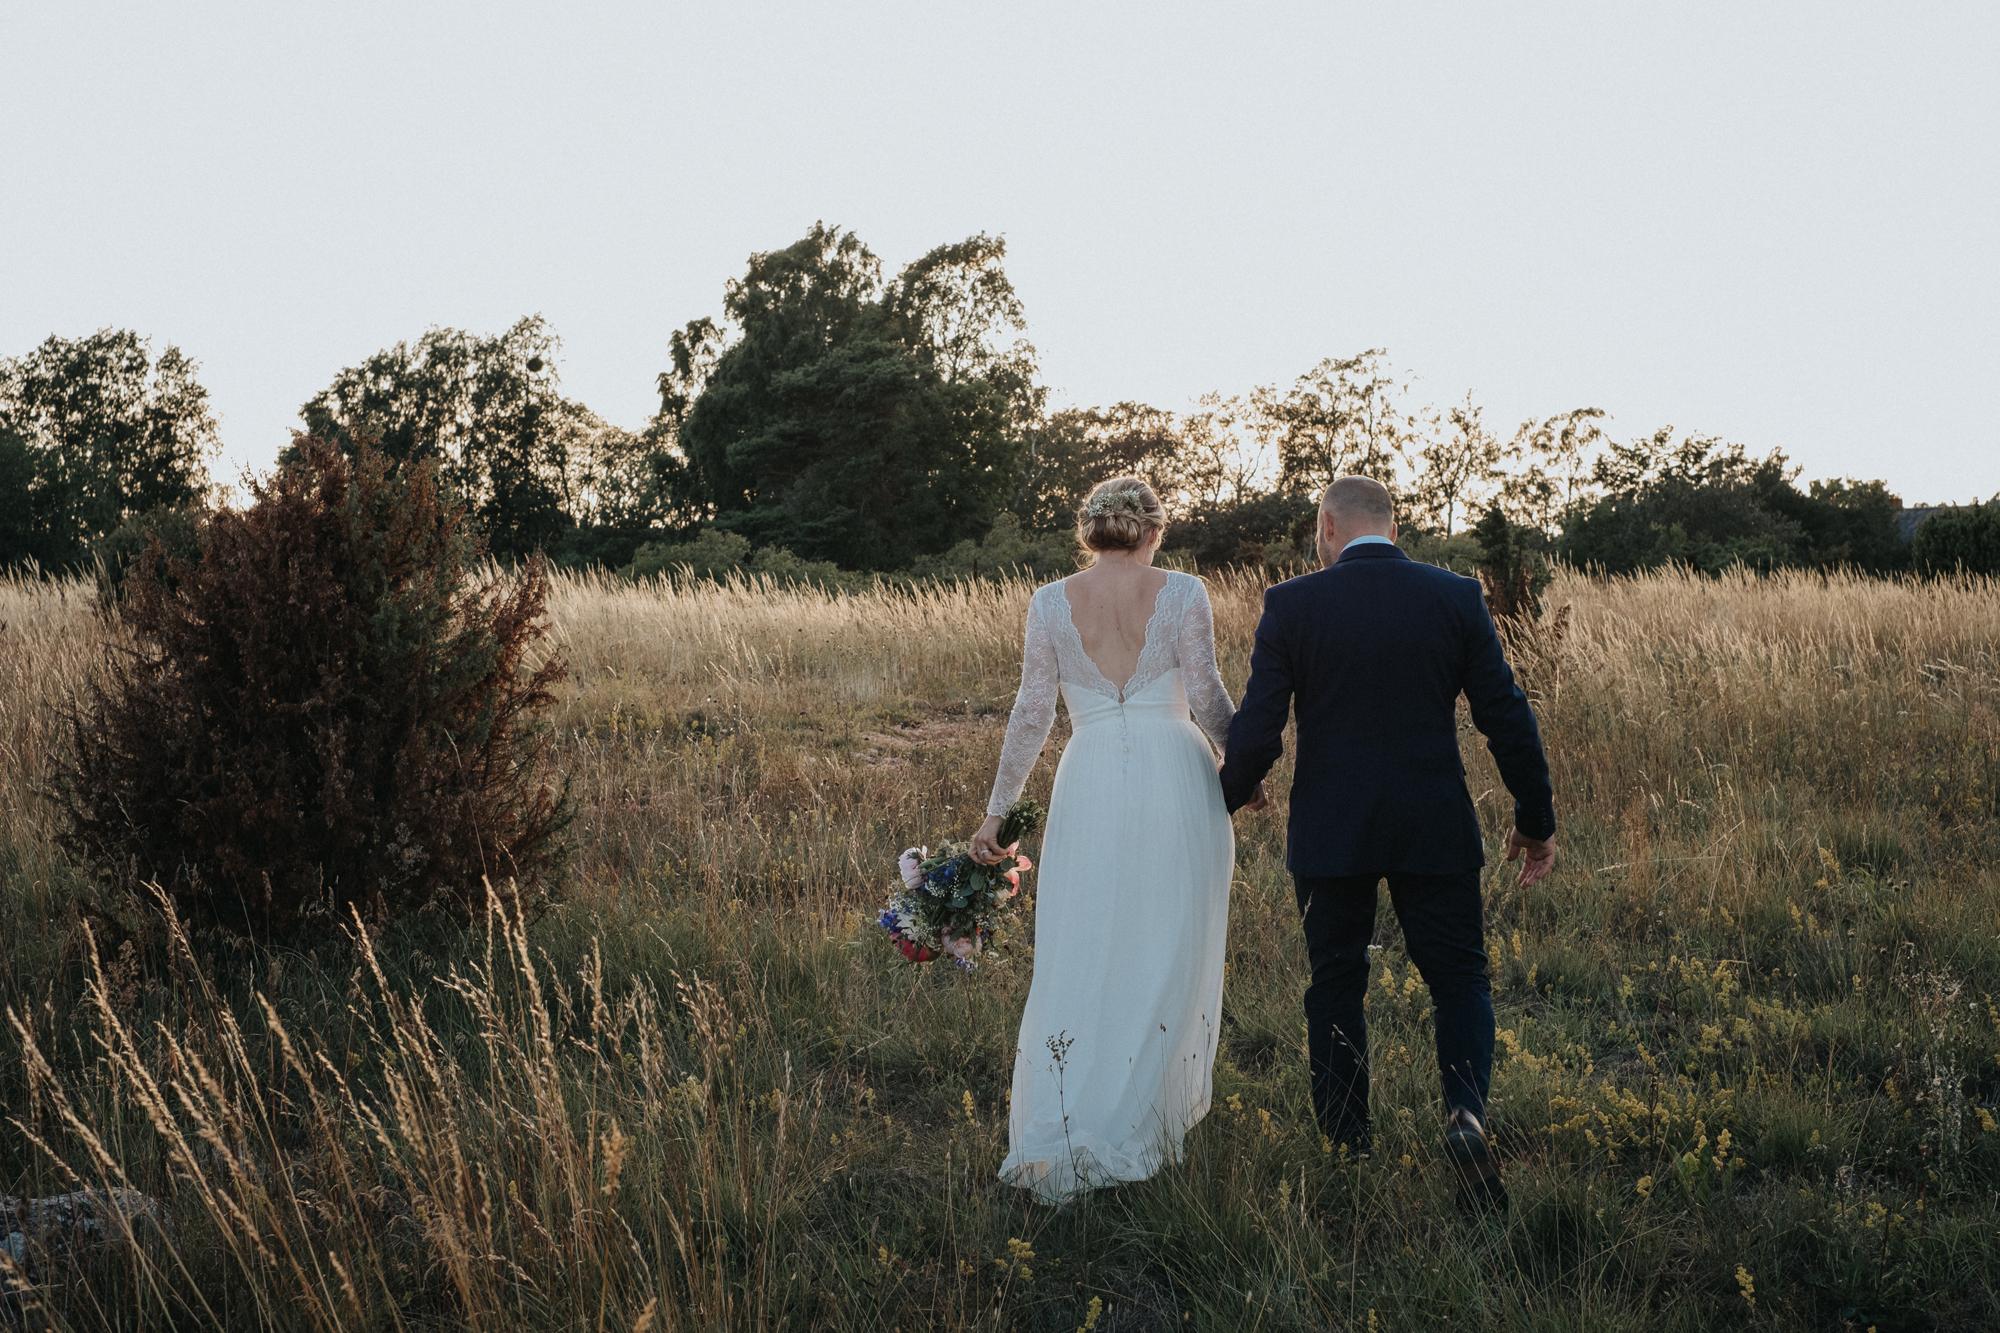 036-bröllop-fårögården-neas-fotografi.jpg